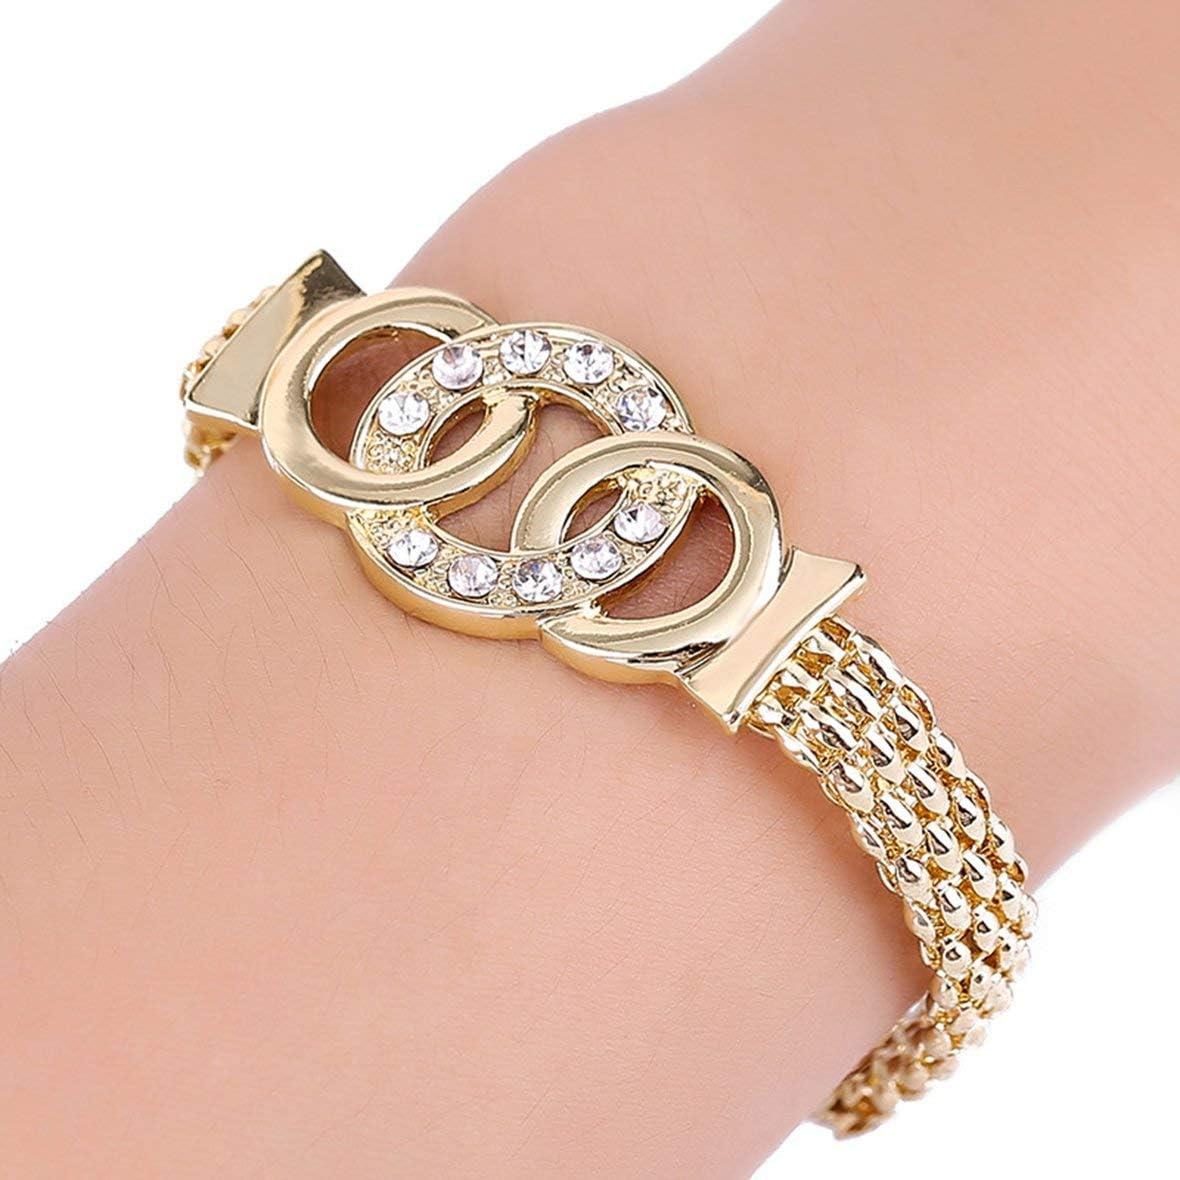 Ohrringe Schmuck Heaviesk 4 Teile//Satz Halskette Anh/änger Ohrringe Schmuck-Set Elegantes Design Halskette Ring Frauen Schmuck